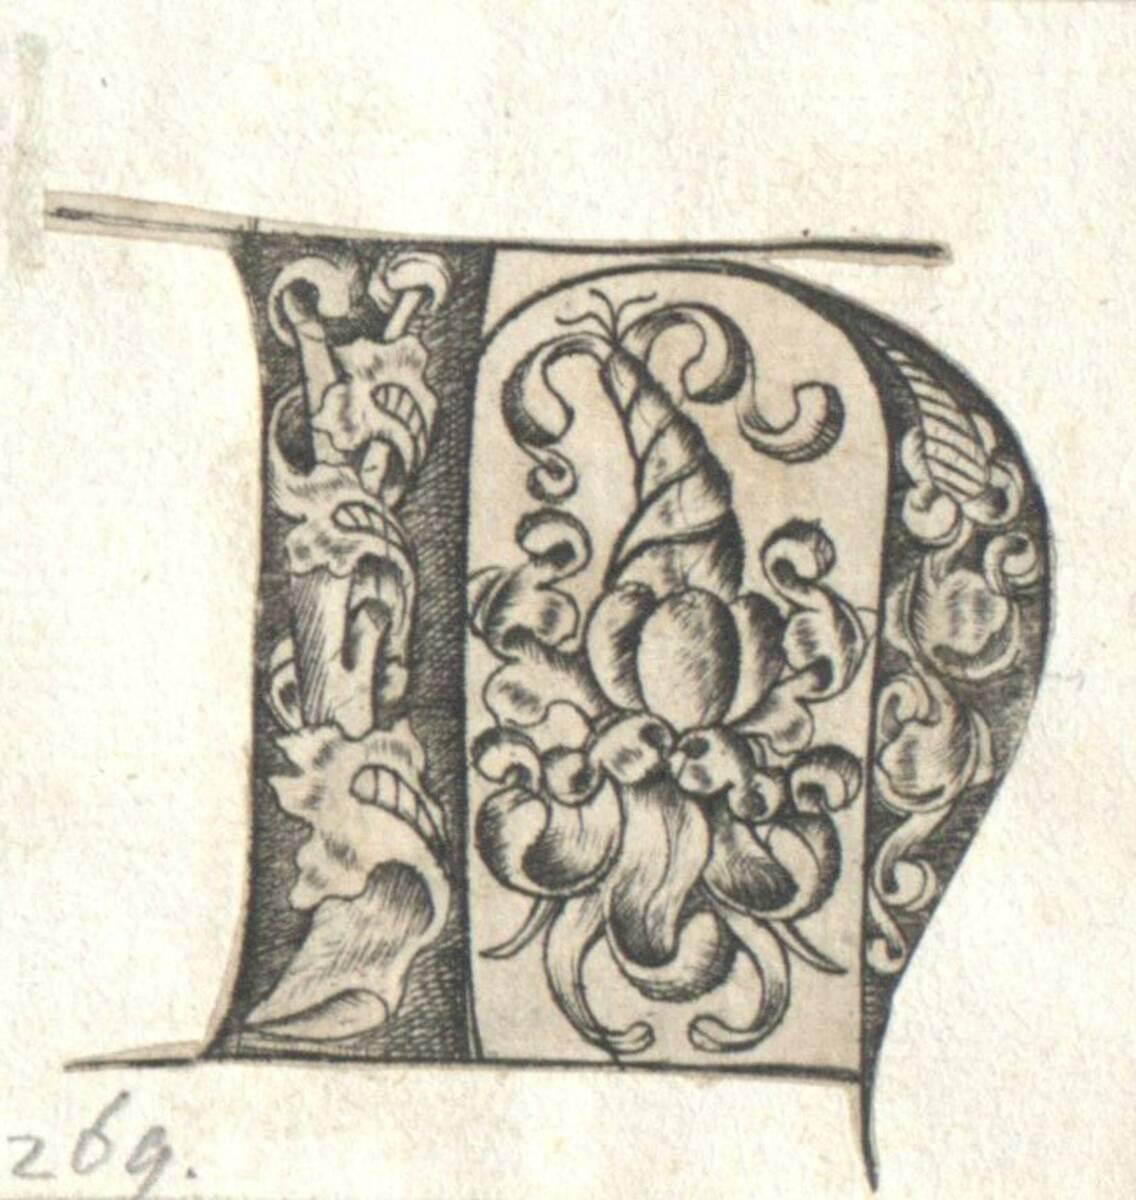 Der Buchstabe H eines gotischen Alphabetes in der Art des I. van Meckenem, c. 1480, ausgeschnitten (vom Bearbeiter vergebener Titel) von Anonym